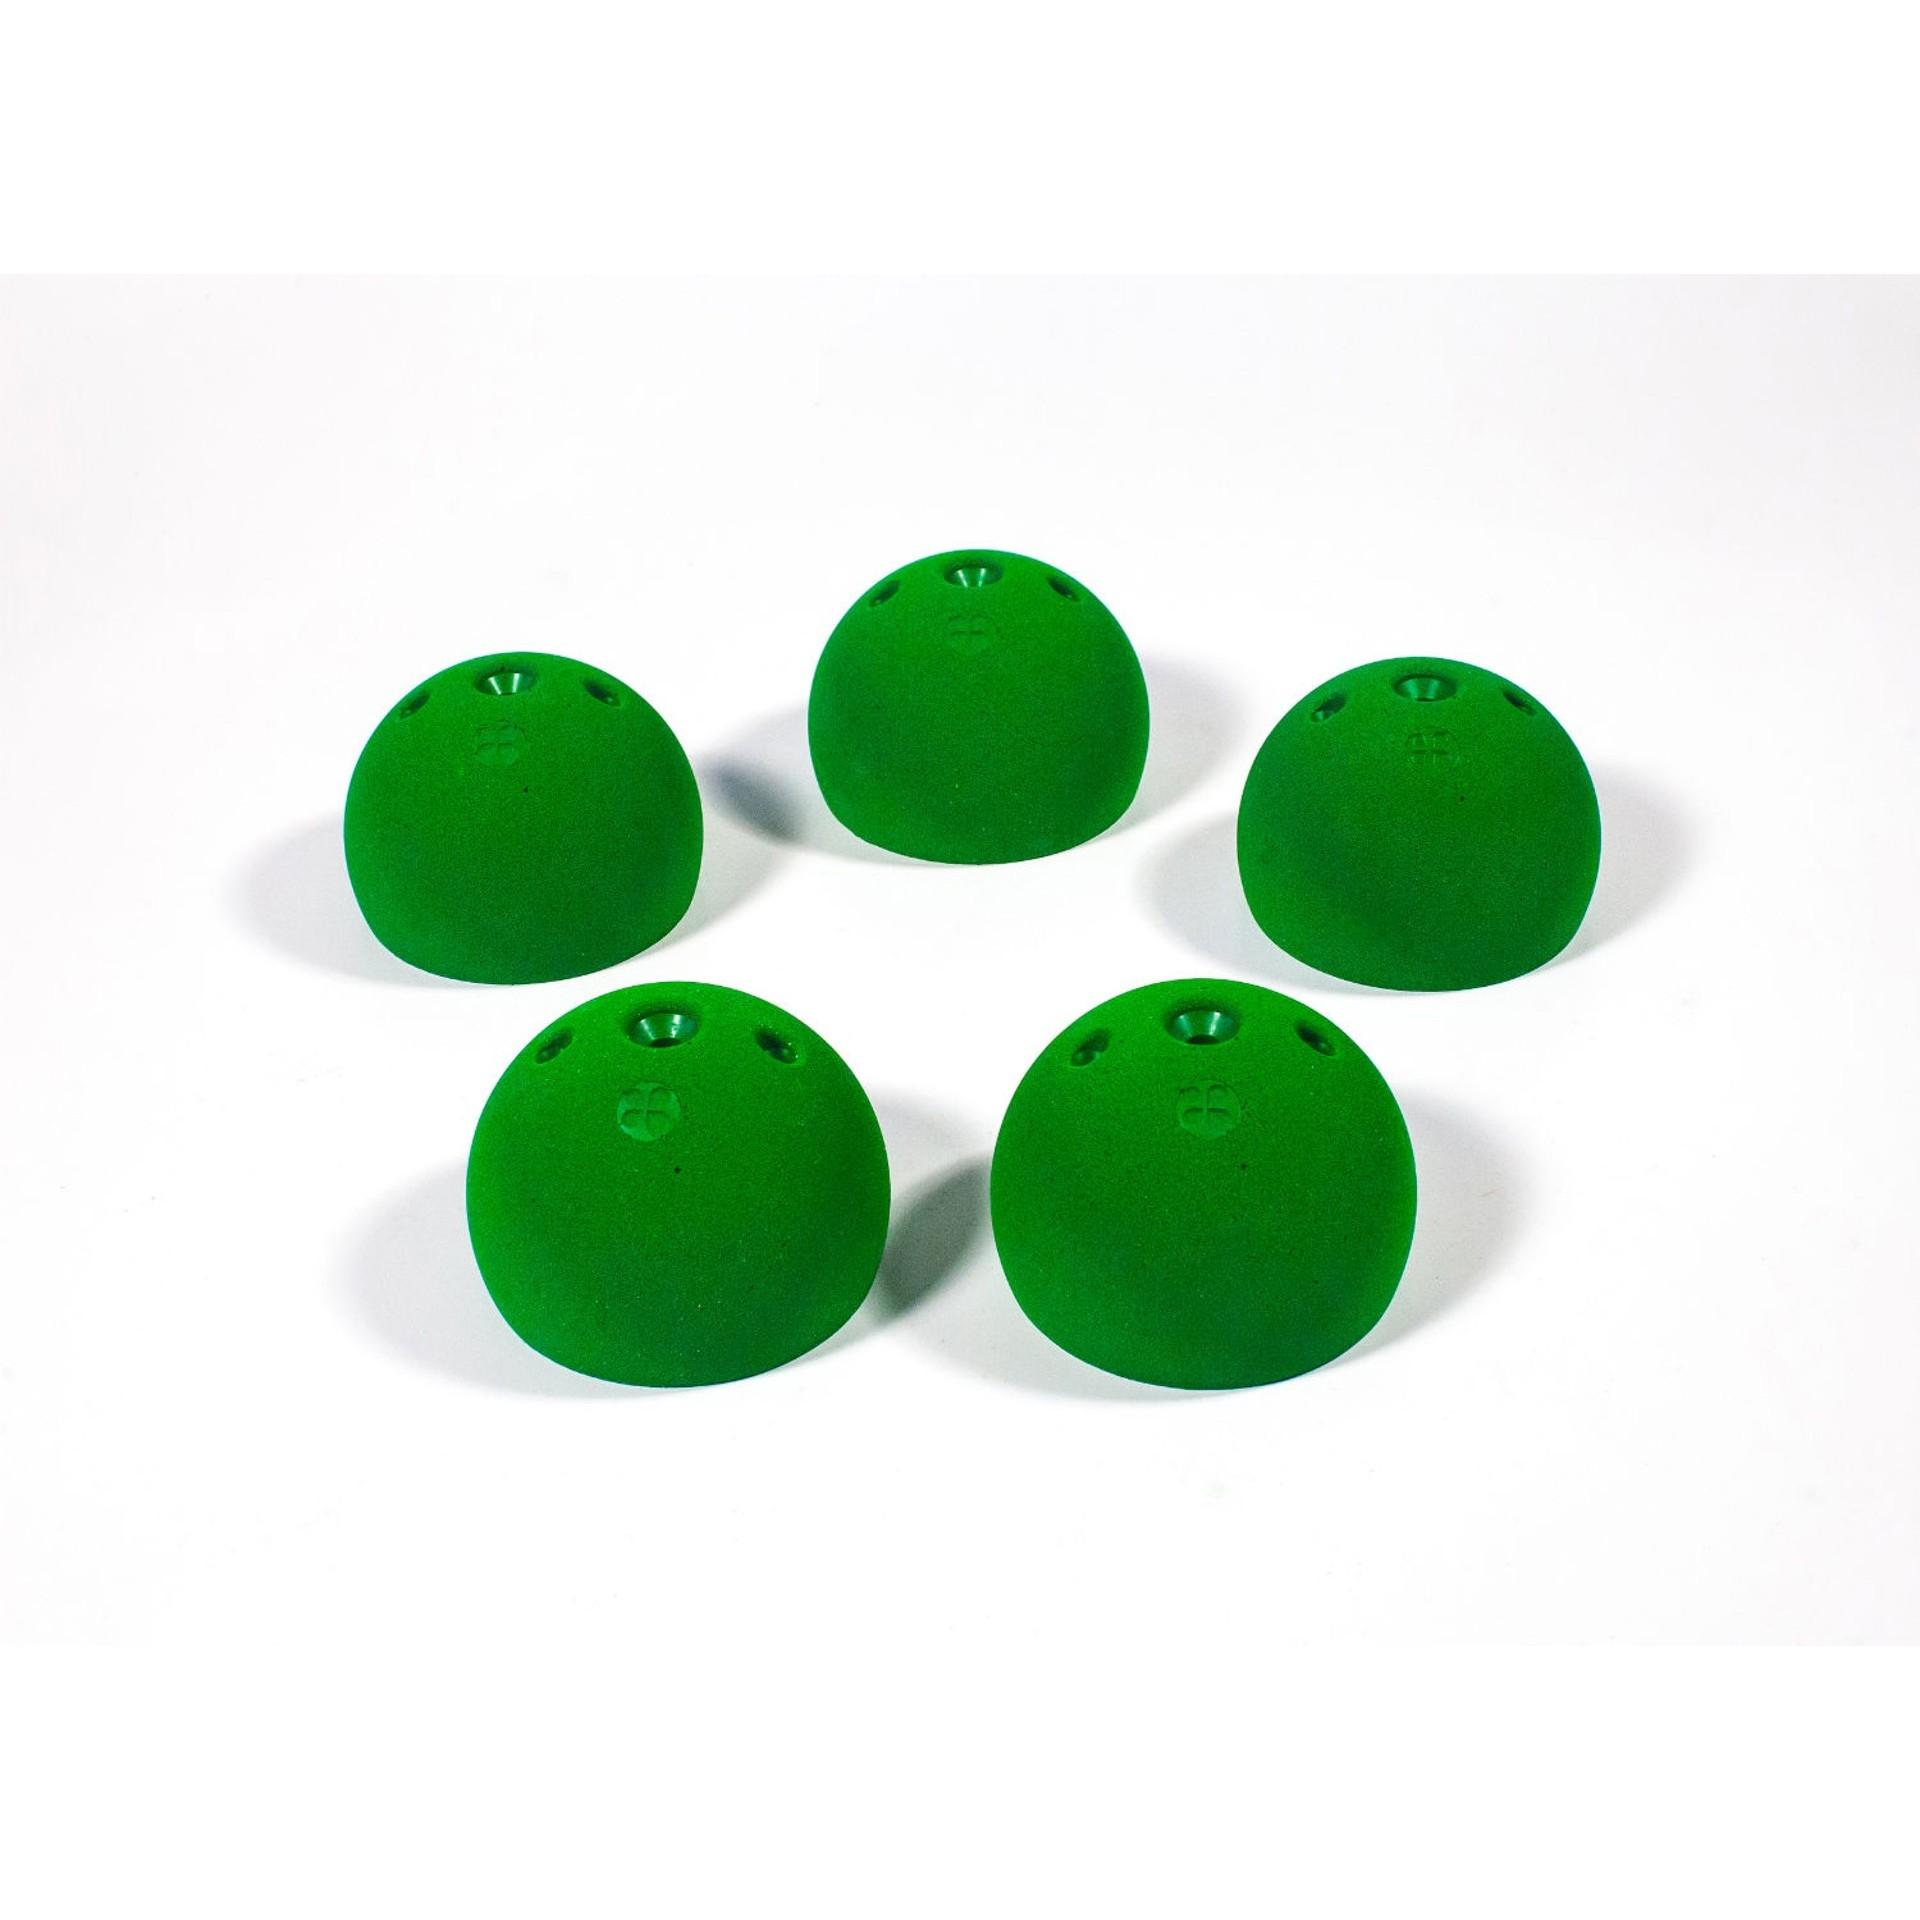 Balls 07 - Holds.fr